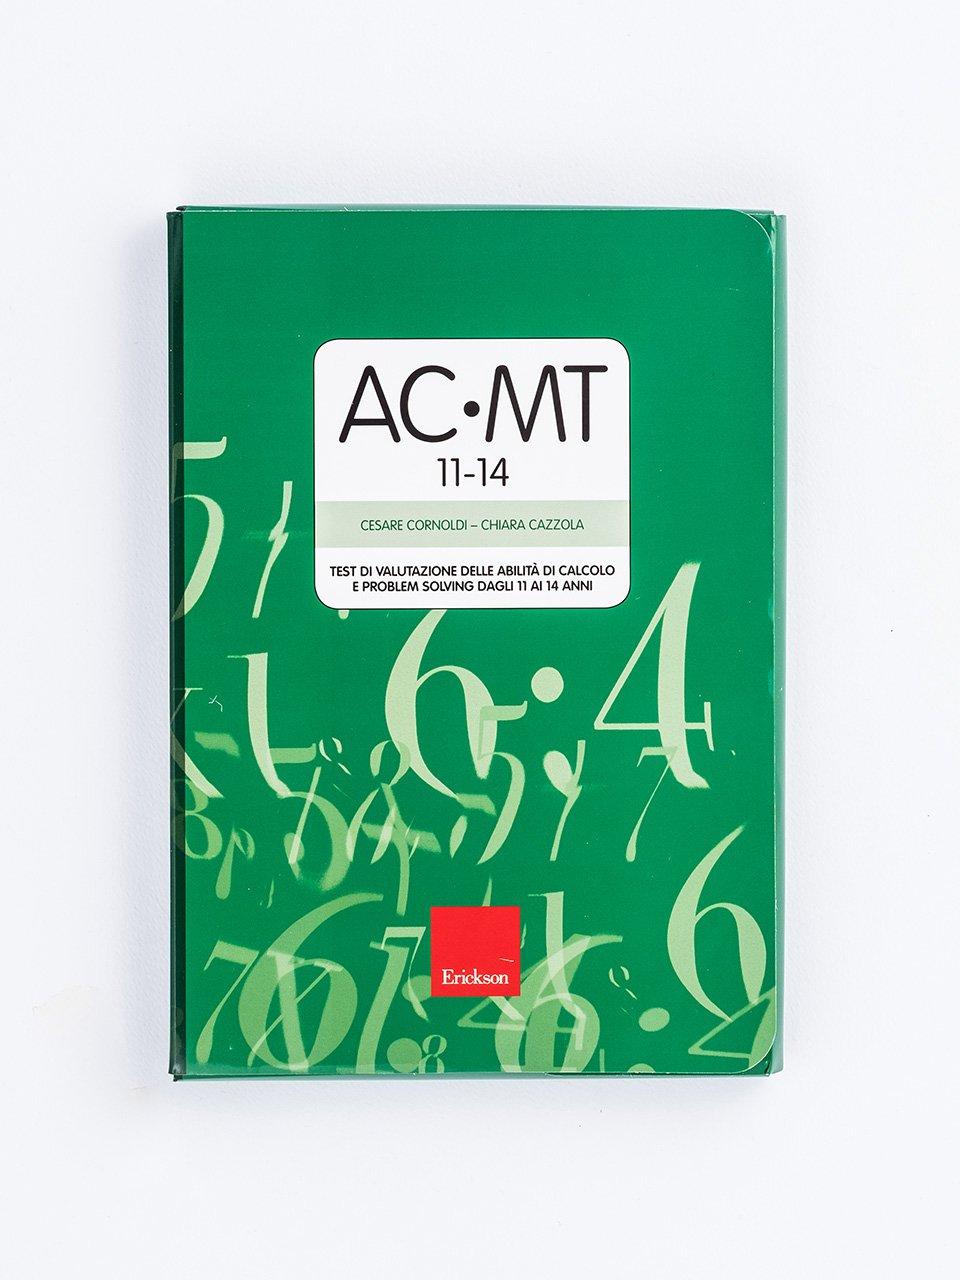 Test AC-MT 11-14 - Test di valutazione delle abilità di calcolo e problem solving - Gioco e imparo con i numeri - CLASSE QUINTA - Libri - Erickson